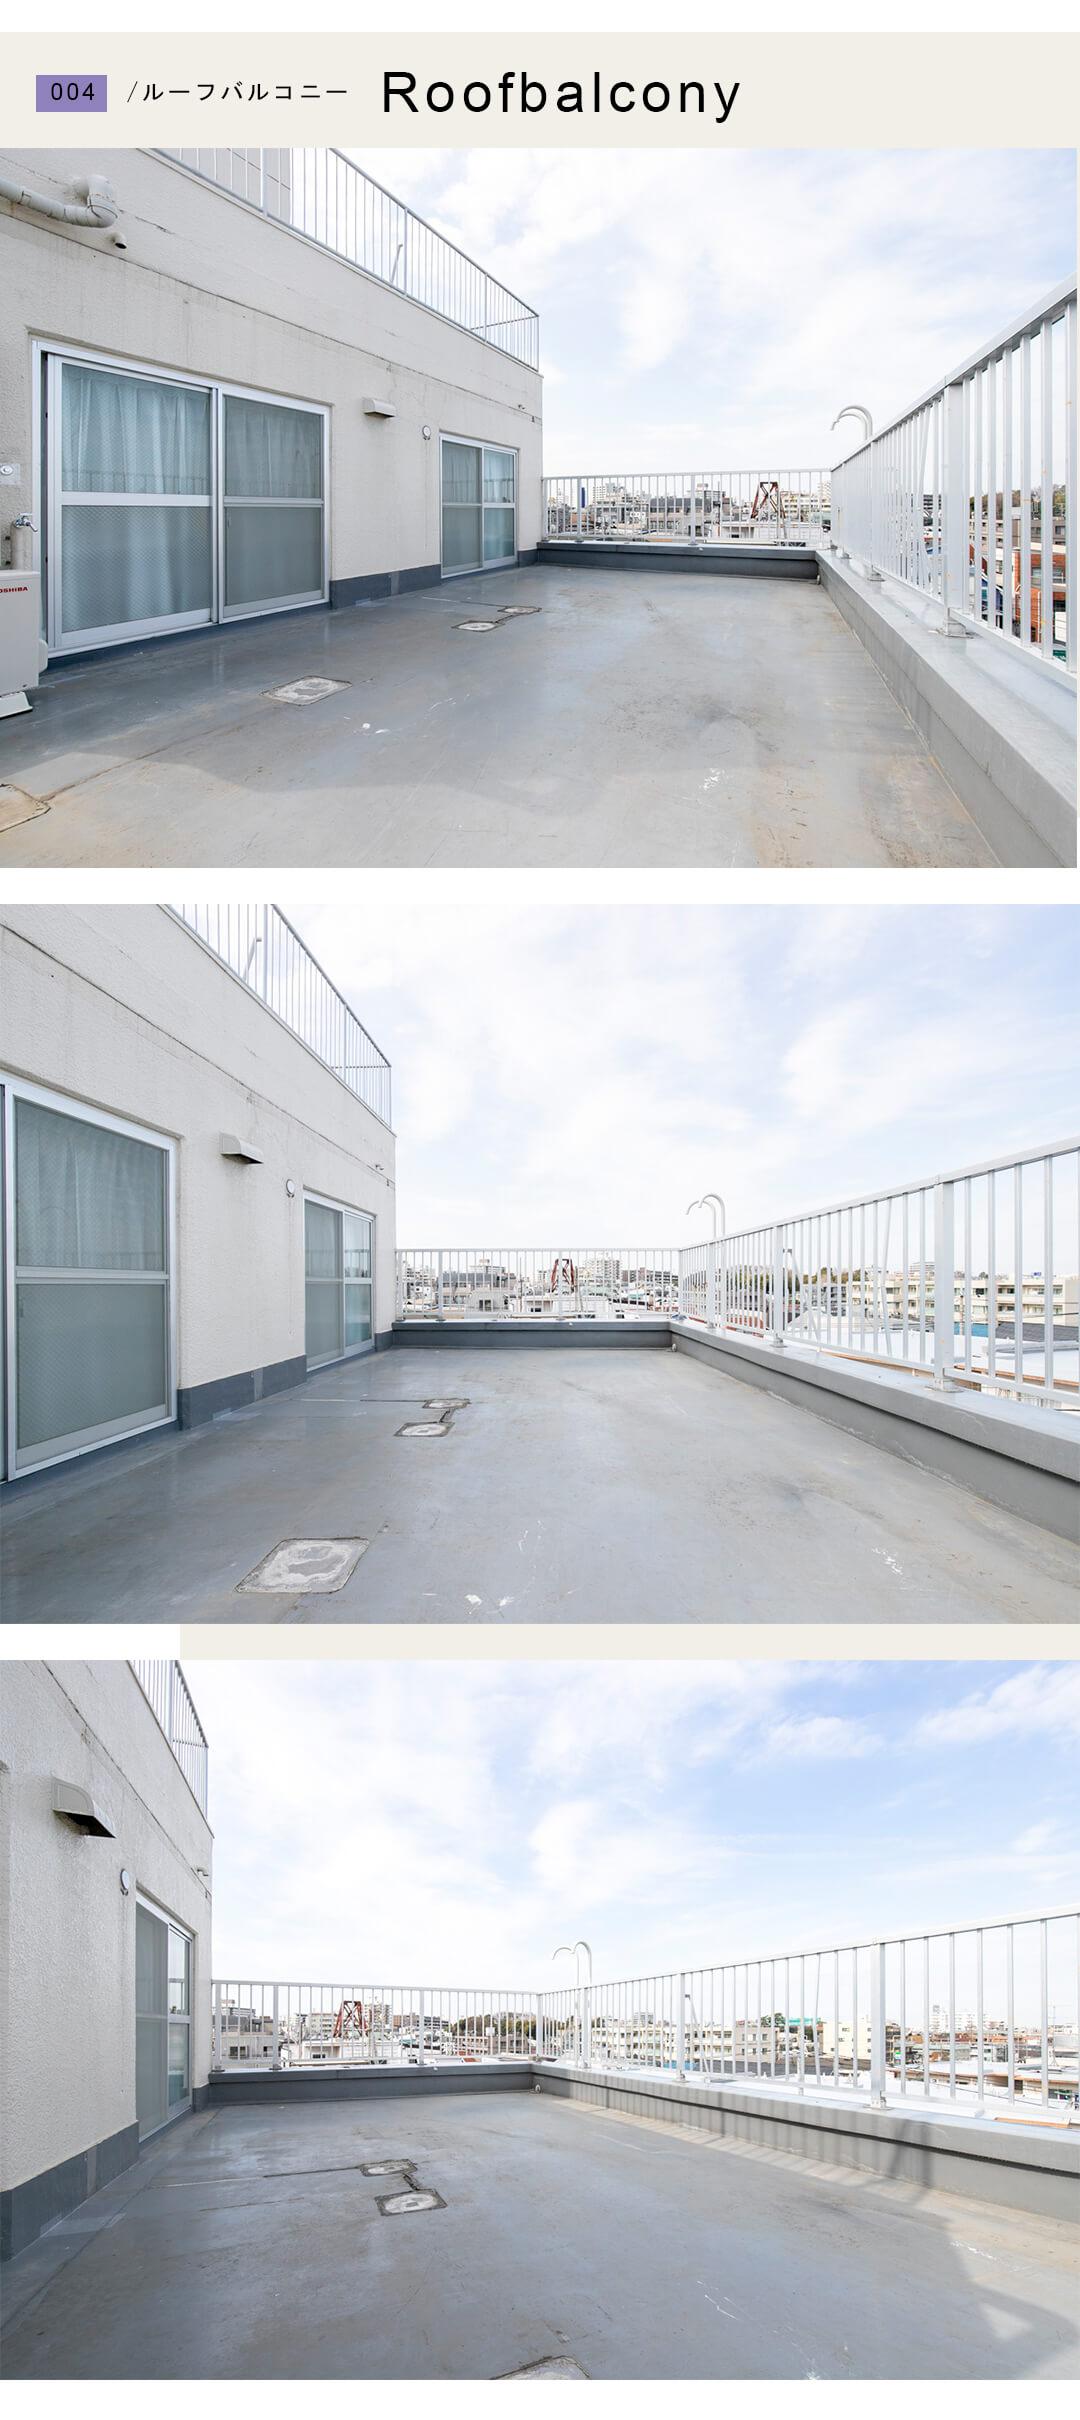 004ルーフバルコニー,Roofbalcony